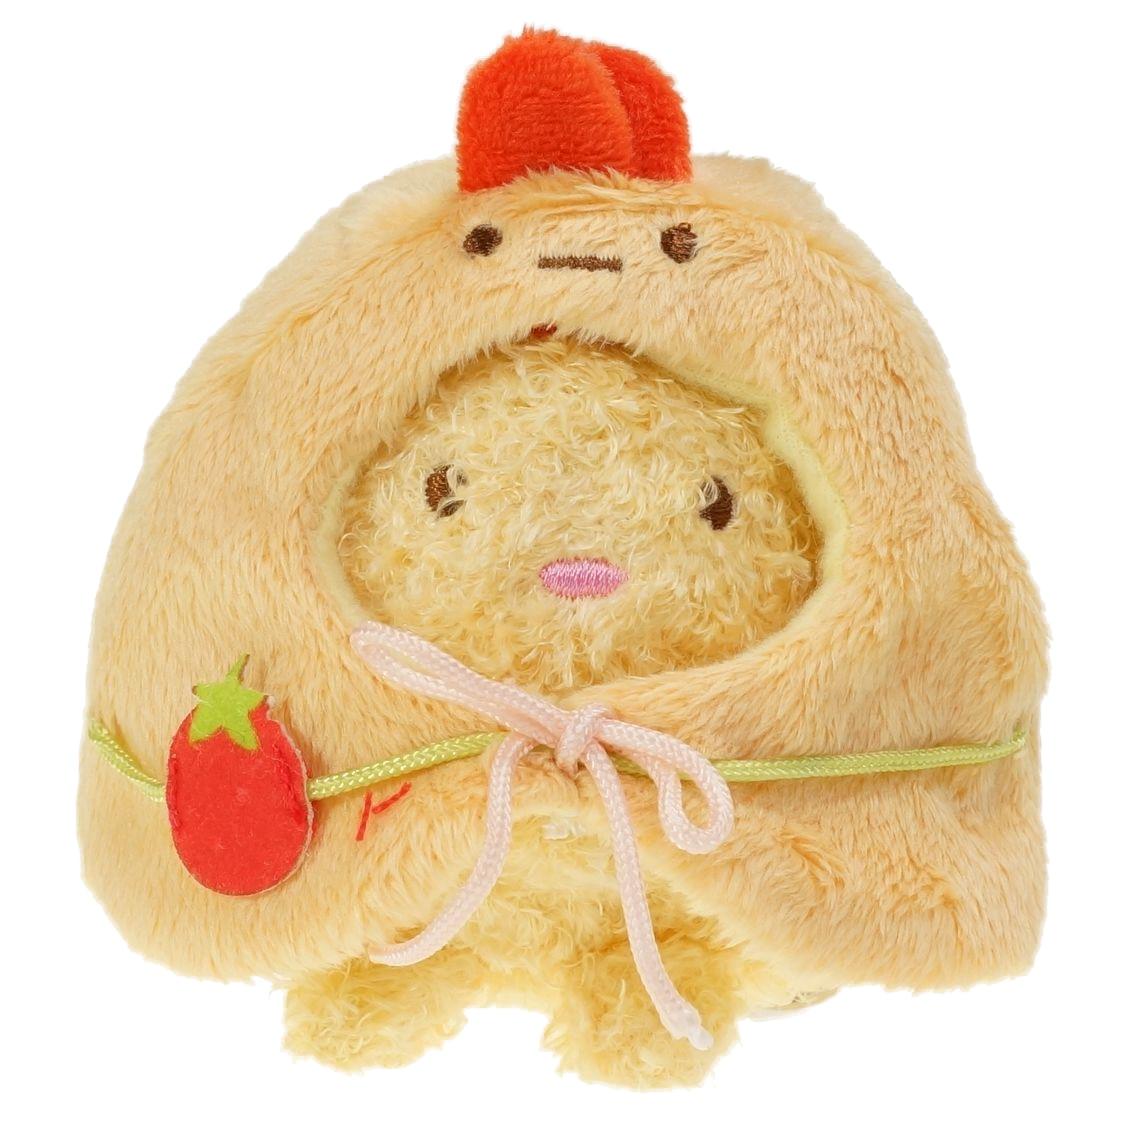 8 см игра sumikko sumikkourashi милые плюшевые игрушки - Цвет: 02